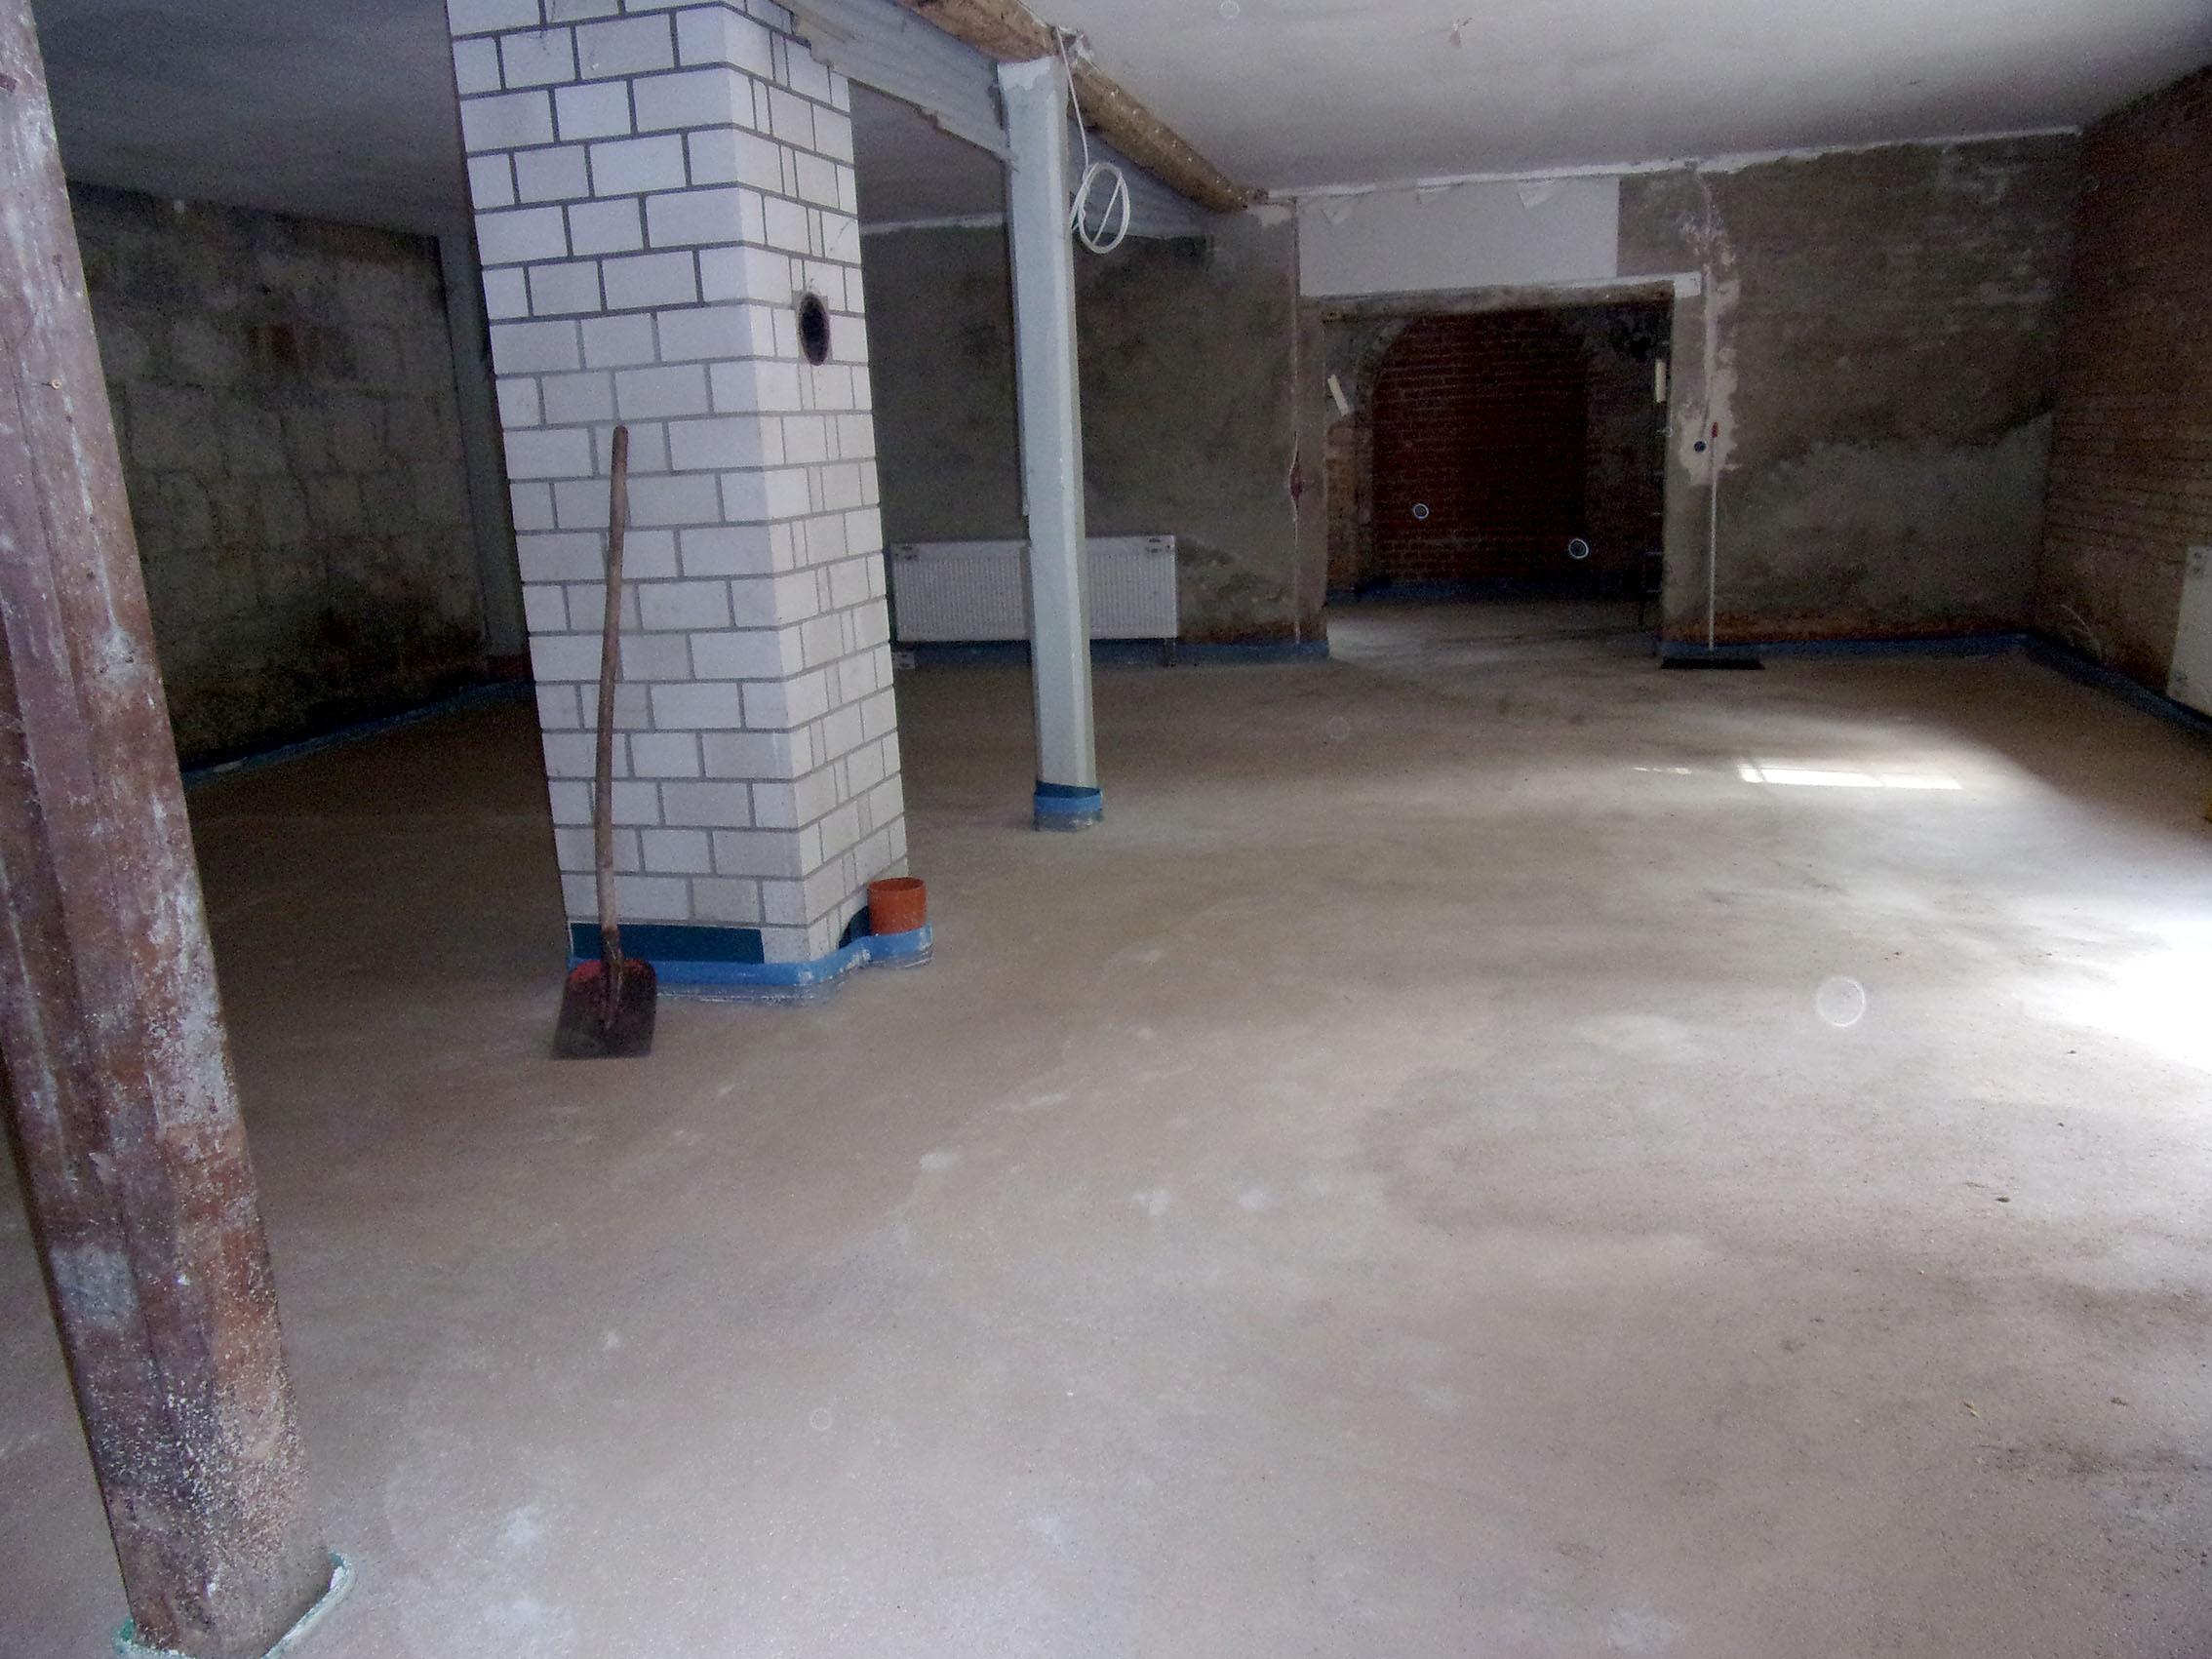 Fußboden Estrich ~ Fussboden mit estrich u graphikexpansion